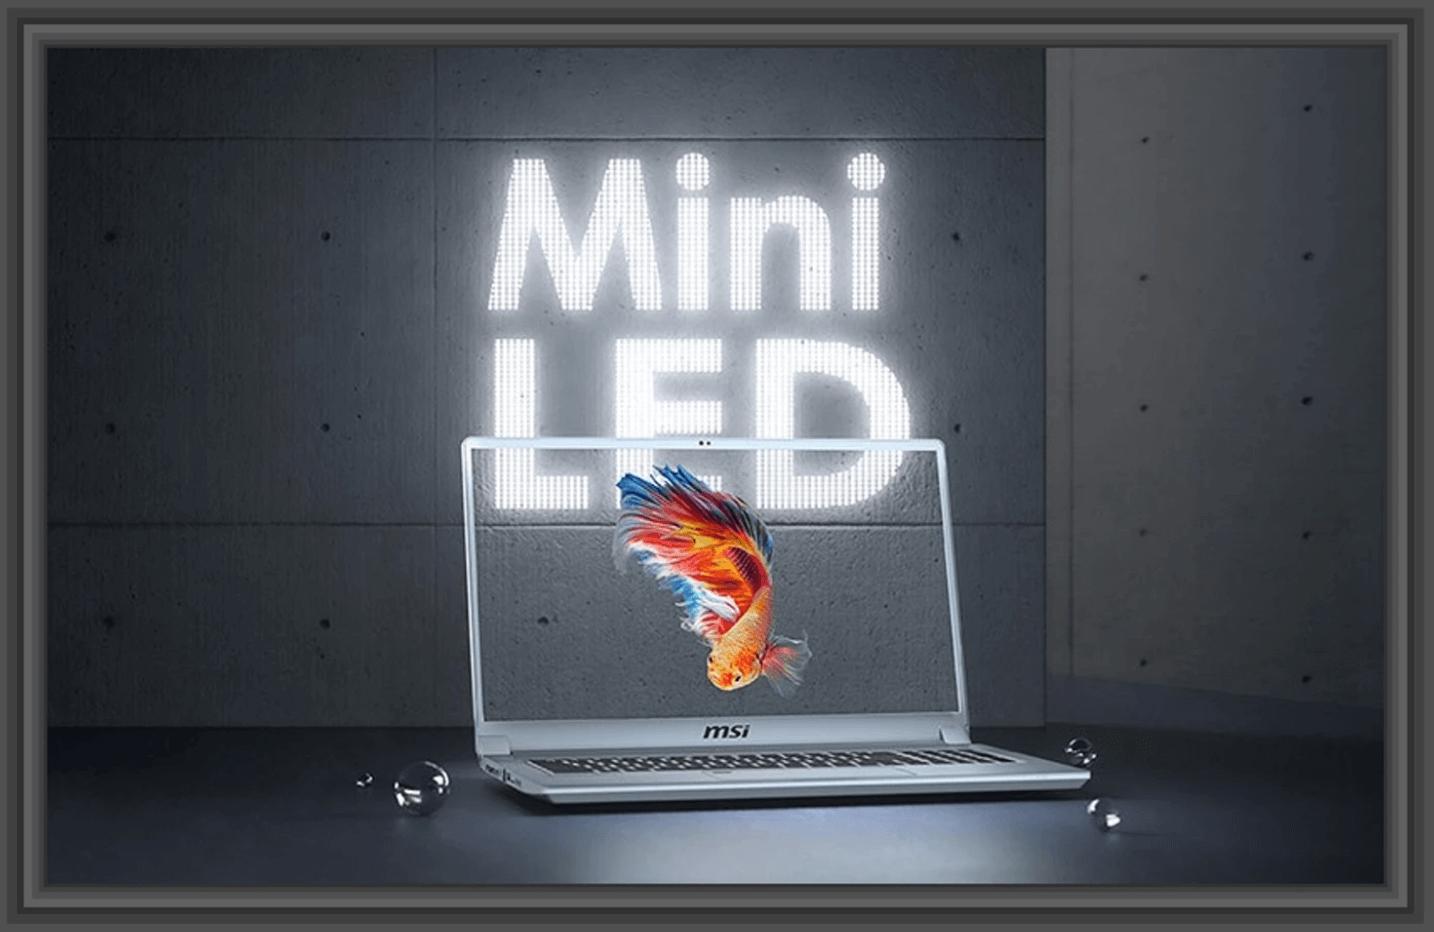 아이패드 프로 5세대 출시일, 가격 스펙 루머 정리